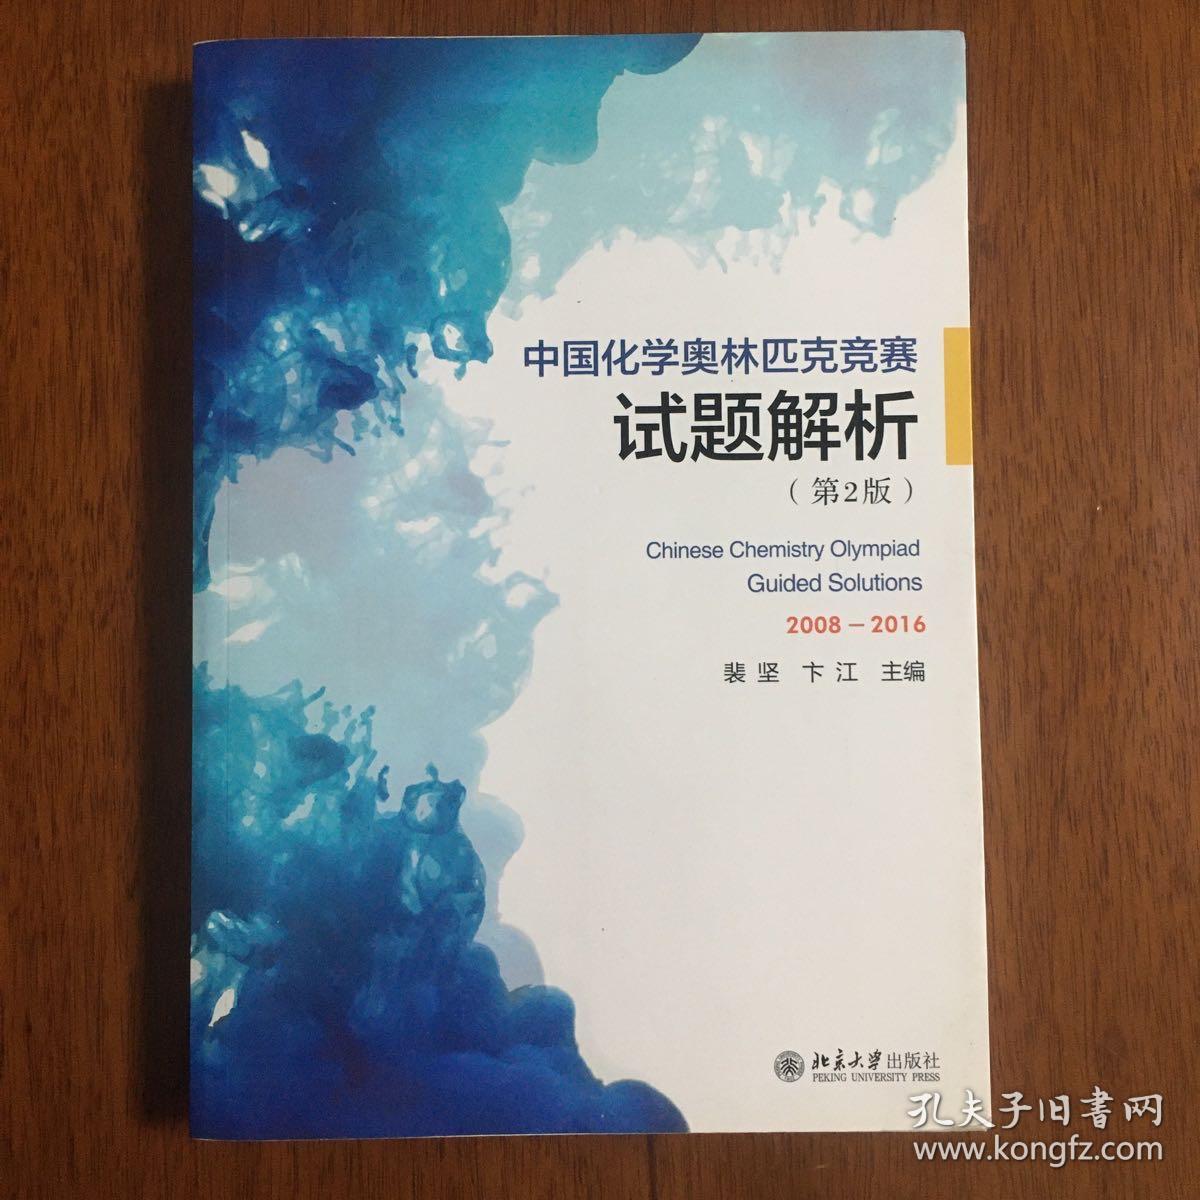 中国化学奥林匹克竞赛试题解析(第2版)